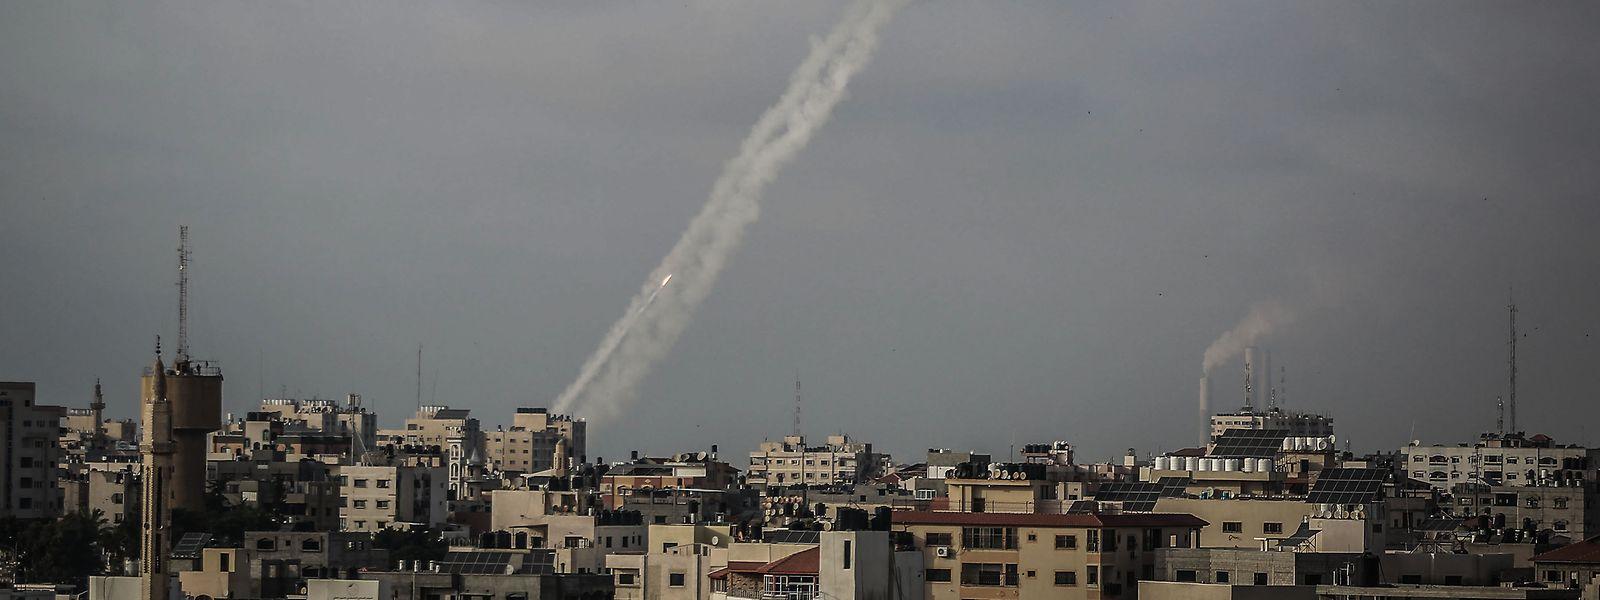 Palästinensische Autonomiegebiete, Gaza-Stadt: Zwei Raketen werden von der islamistischen Hamas aus Gaza-Stadt in Richtung Israel abgefeuert.